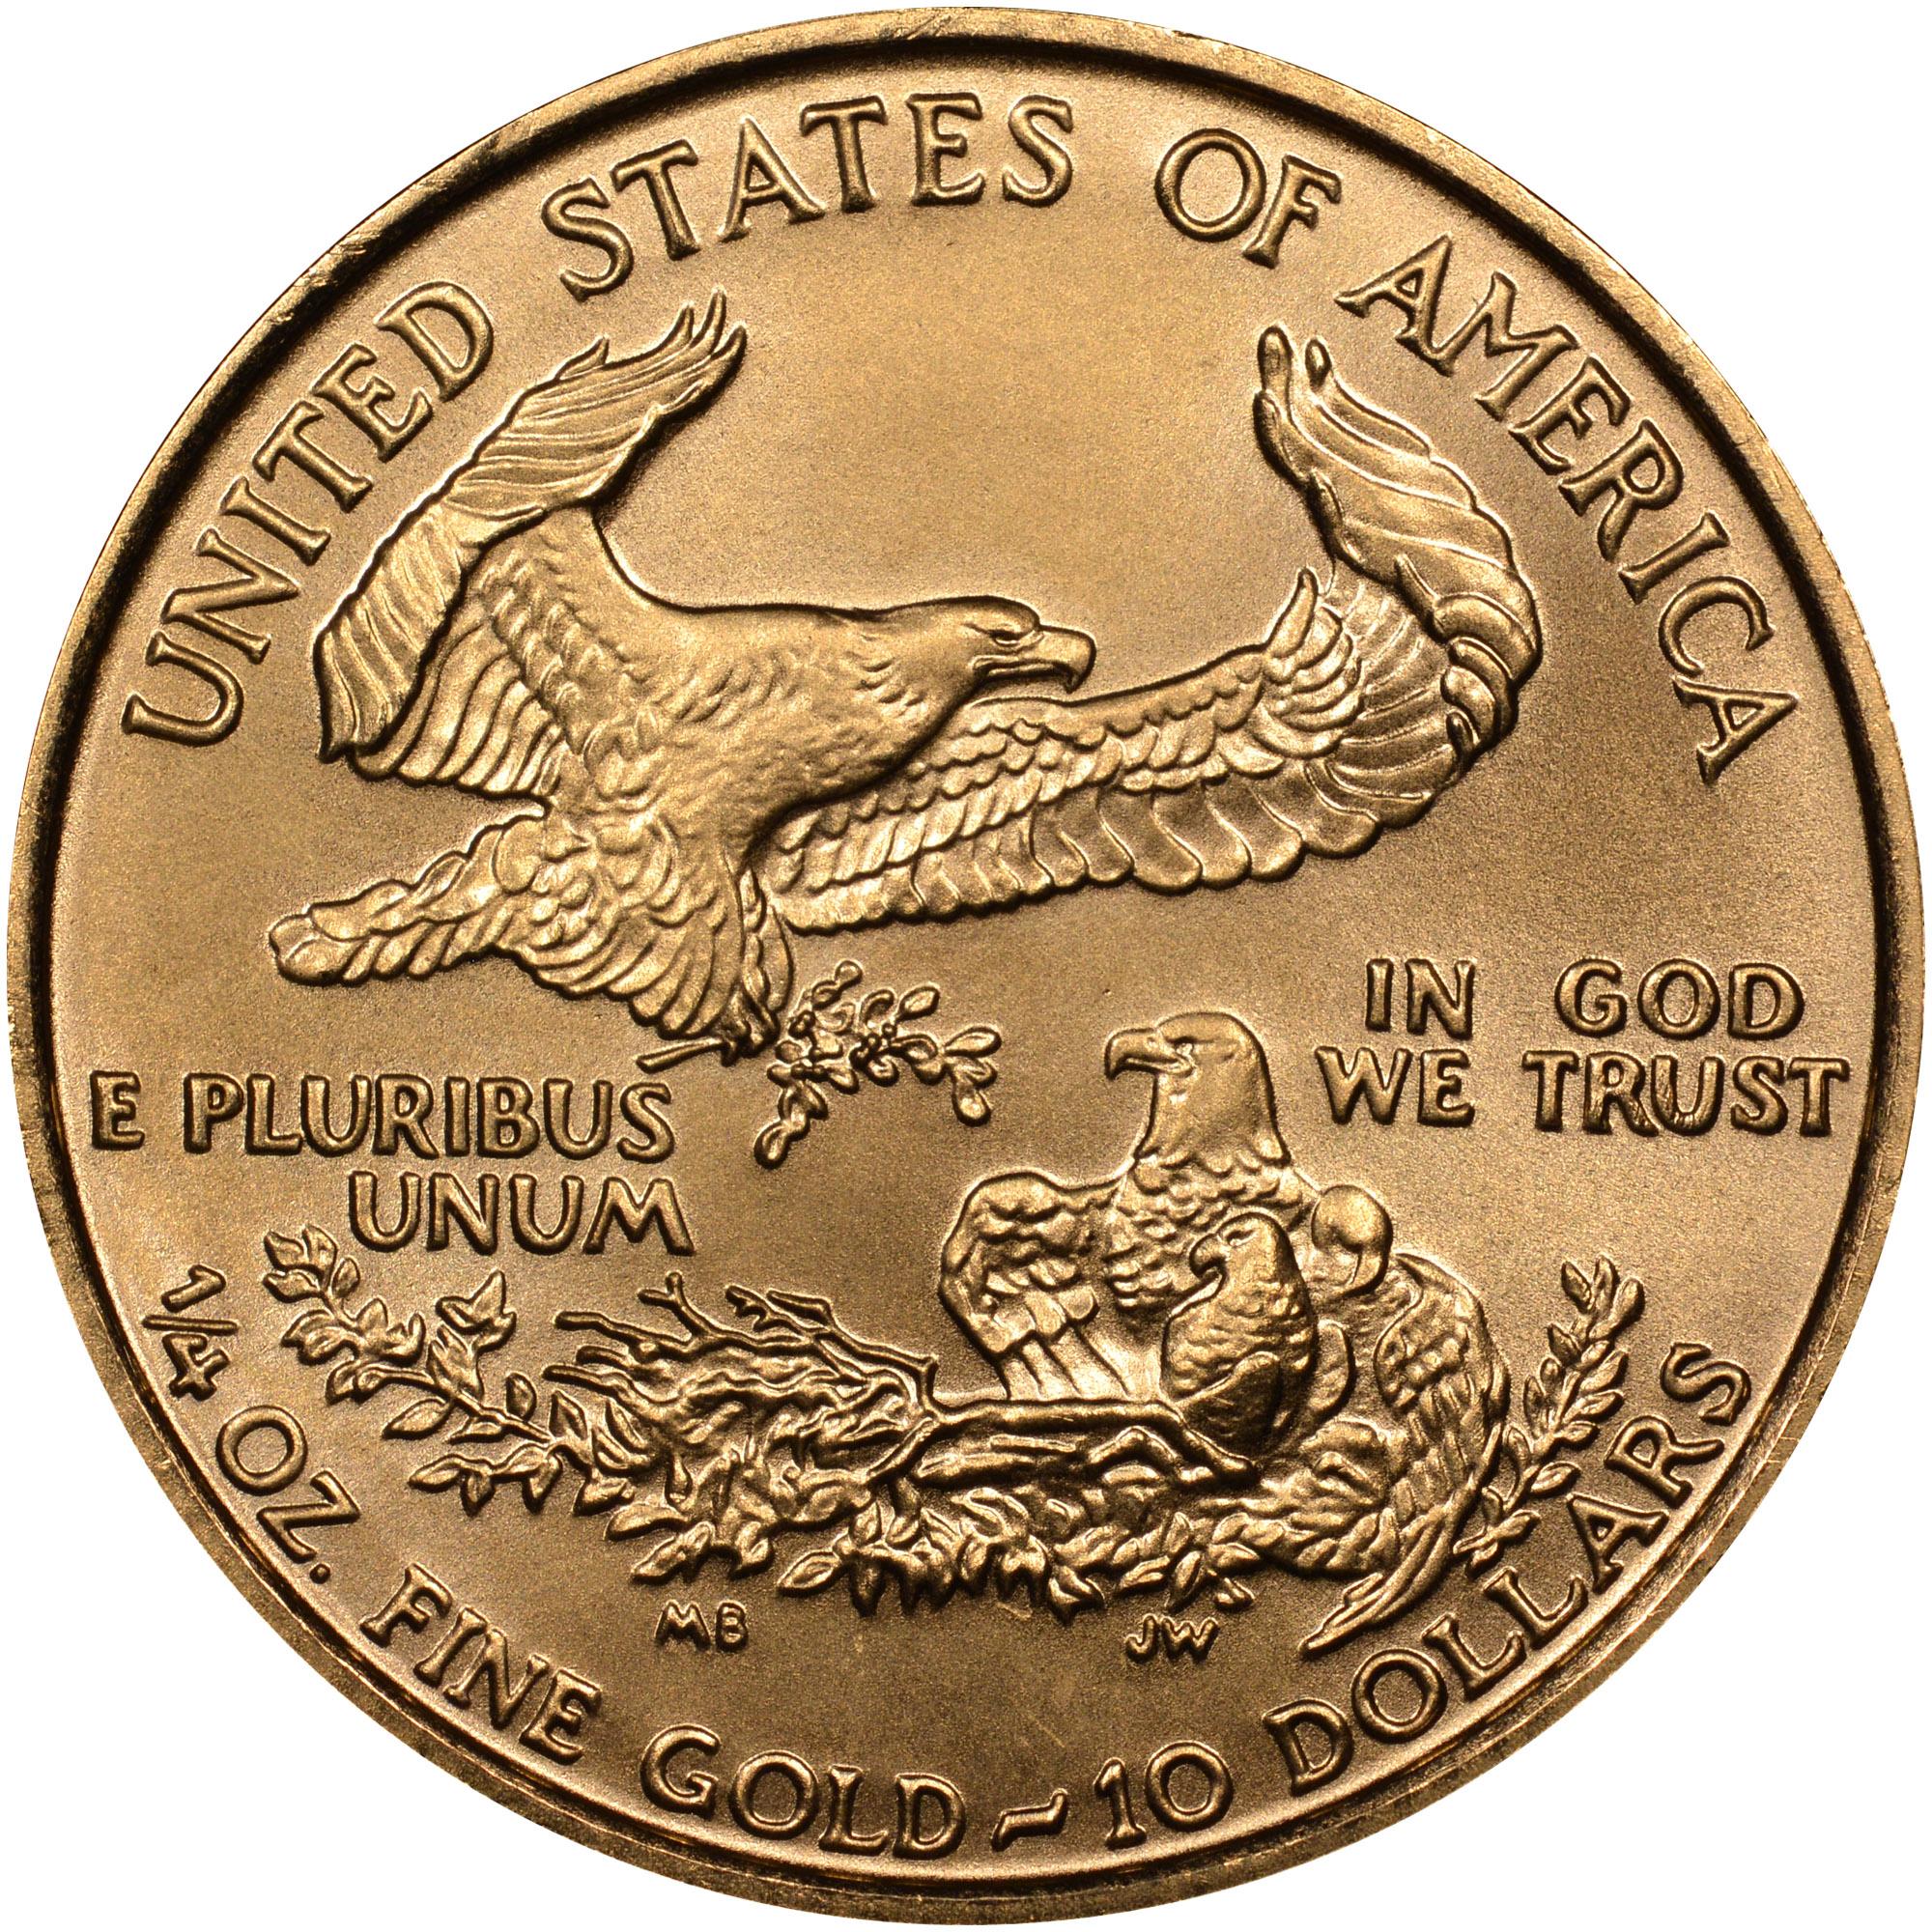 1993 Eagle G25 MS Gold Eagles